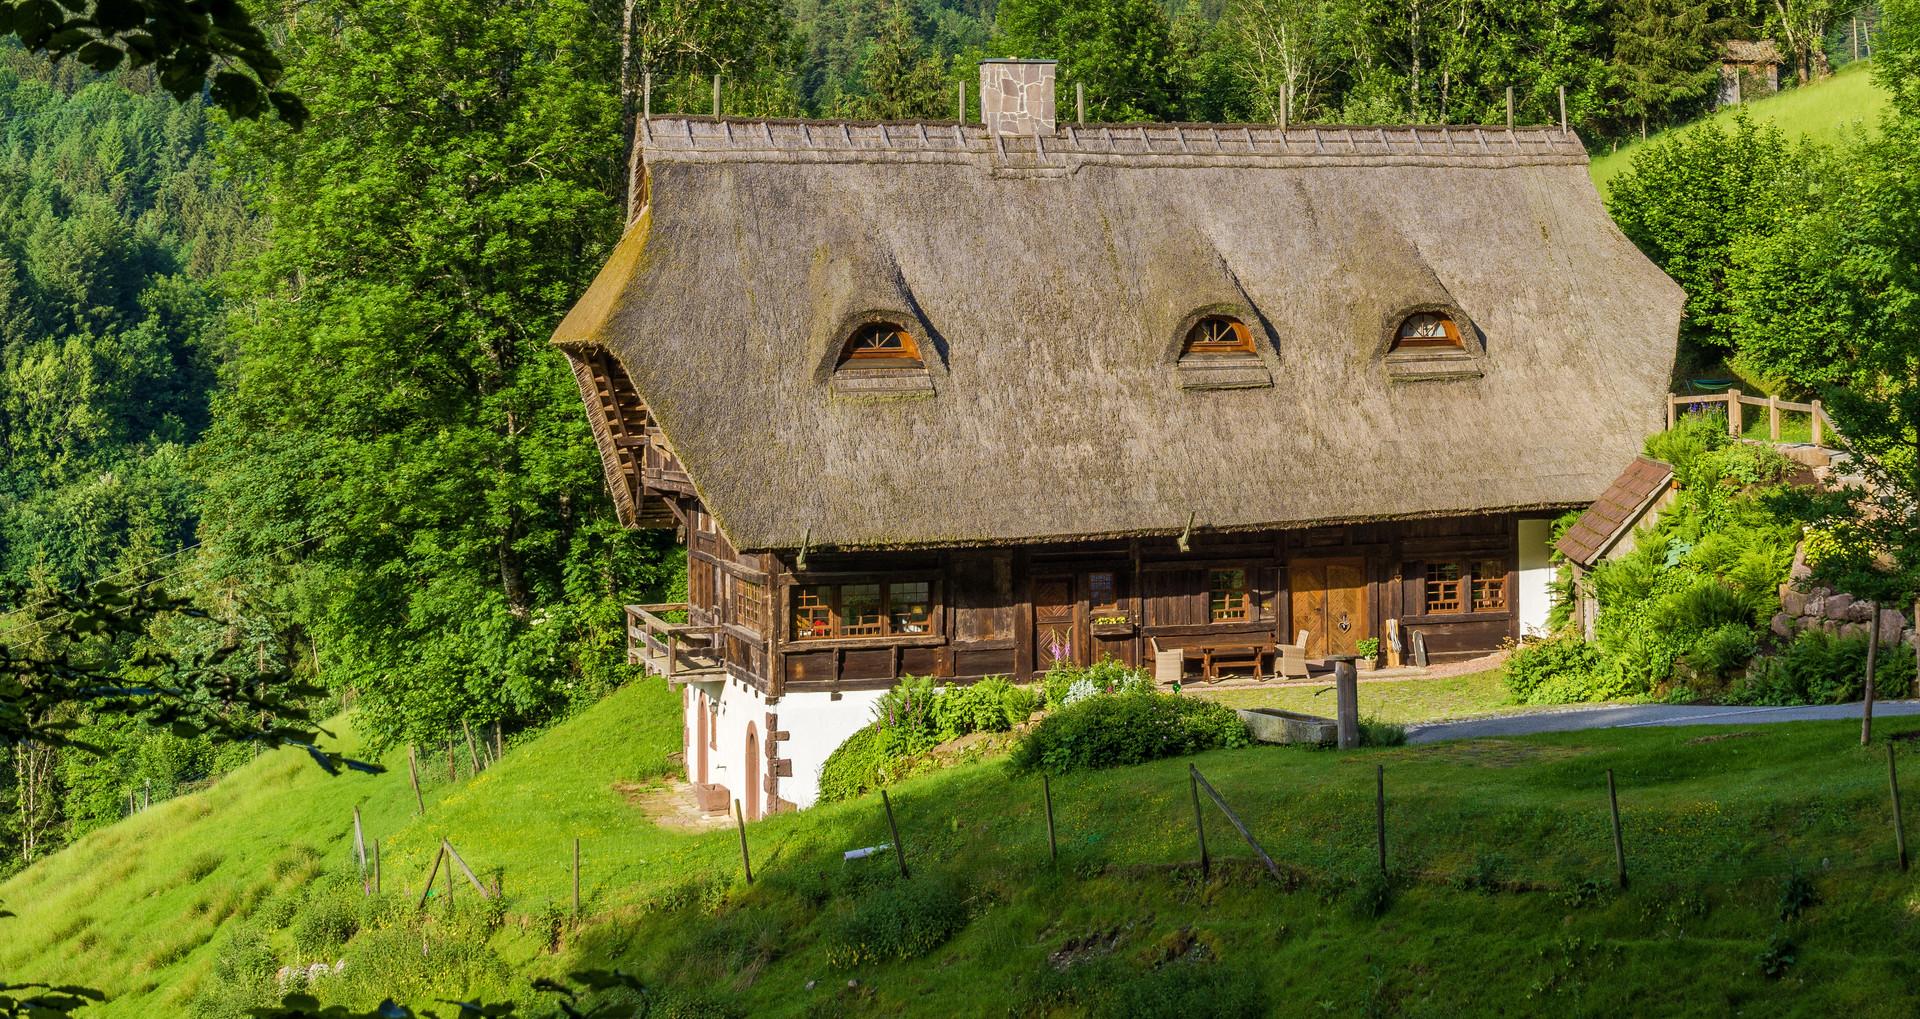 Alter Schwarzwaldhof in Kirnbach bei Wolfach im Kinzigtal